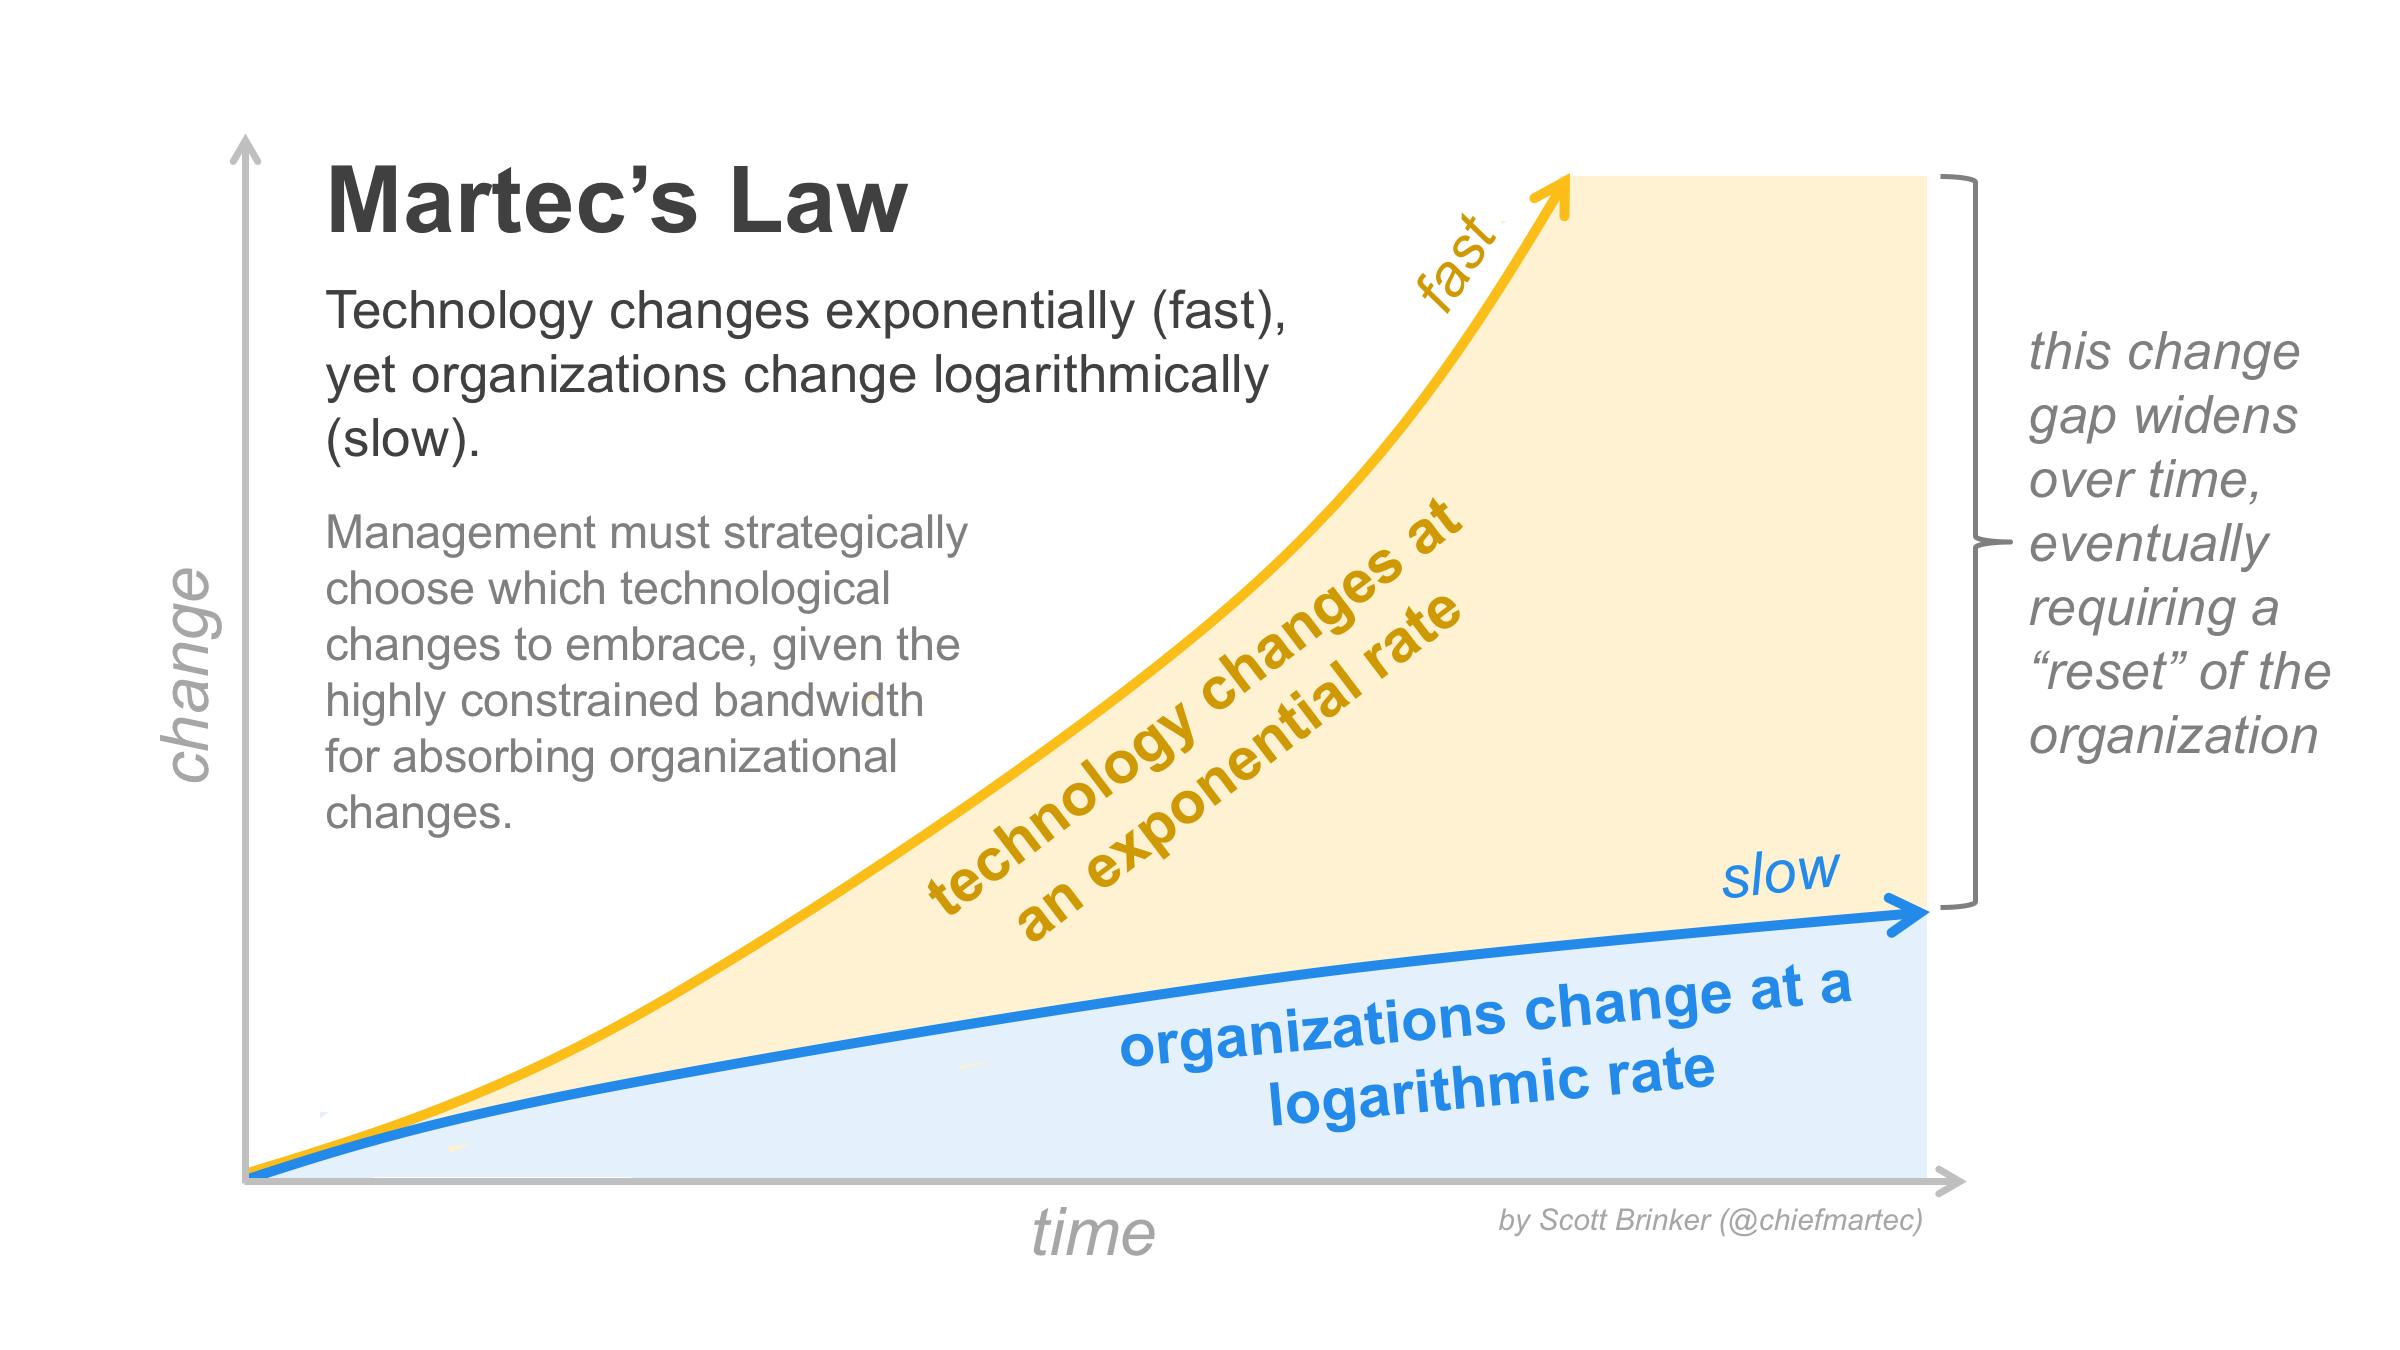 Martec's law